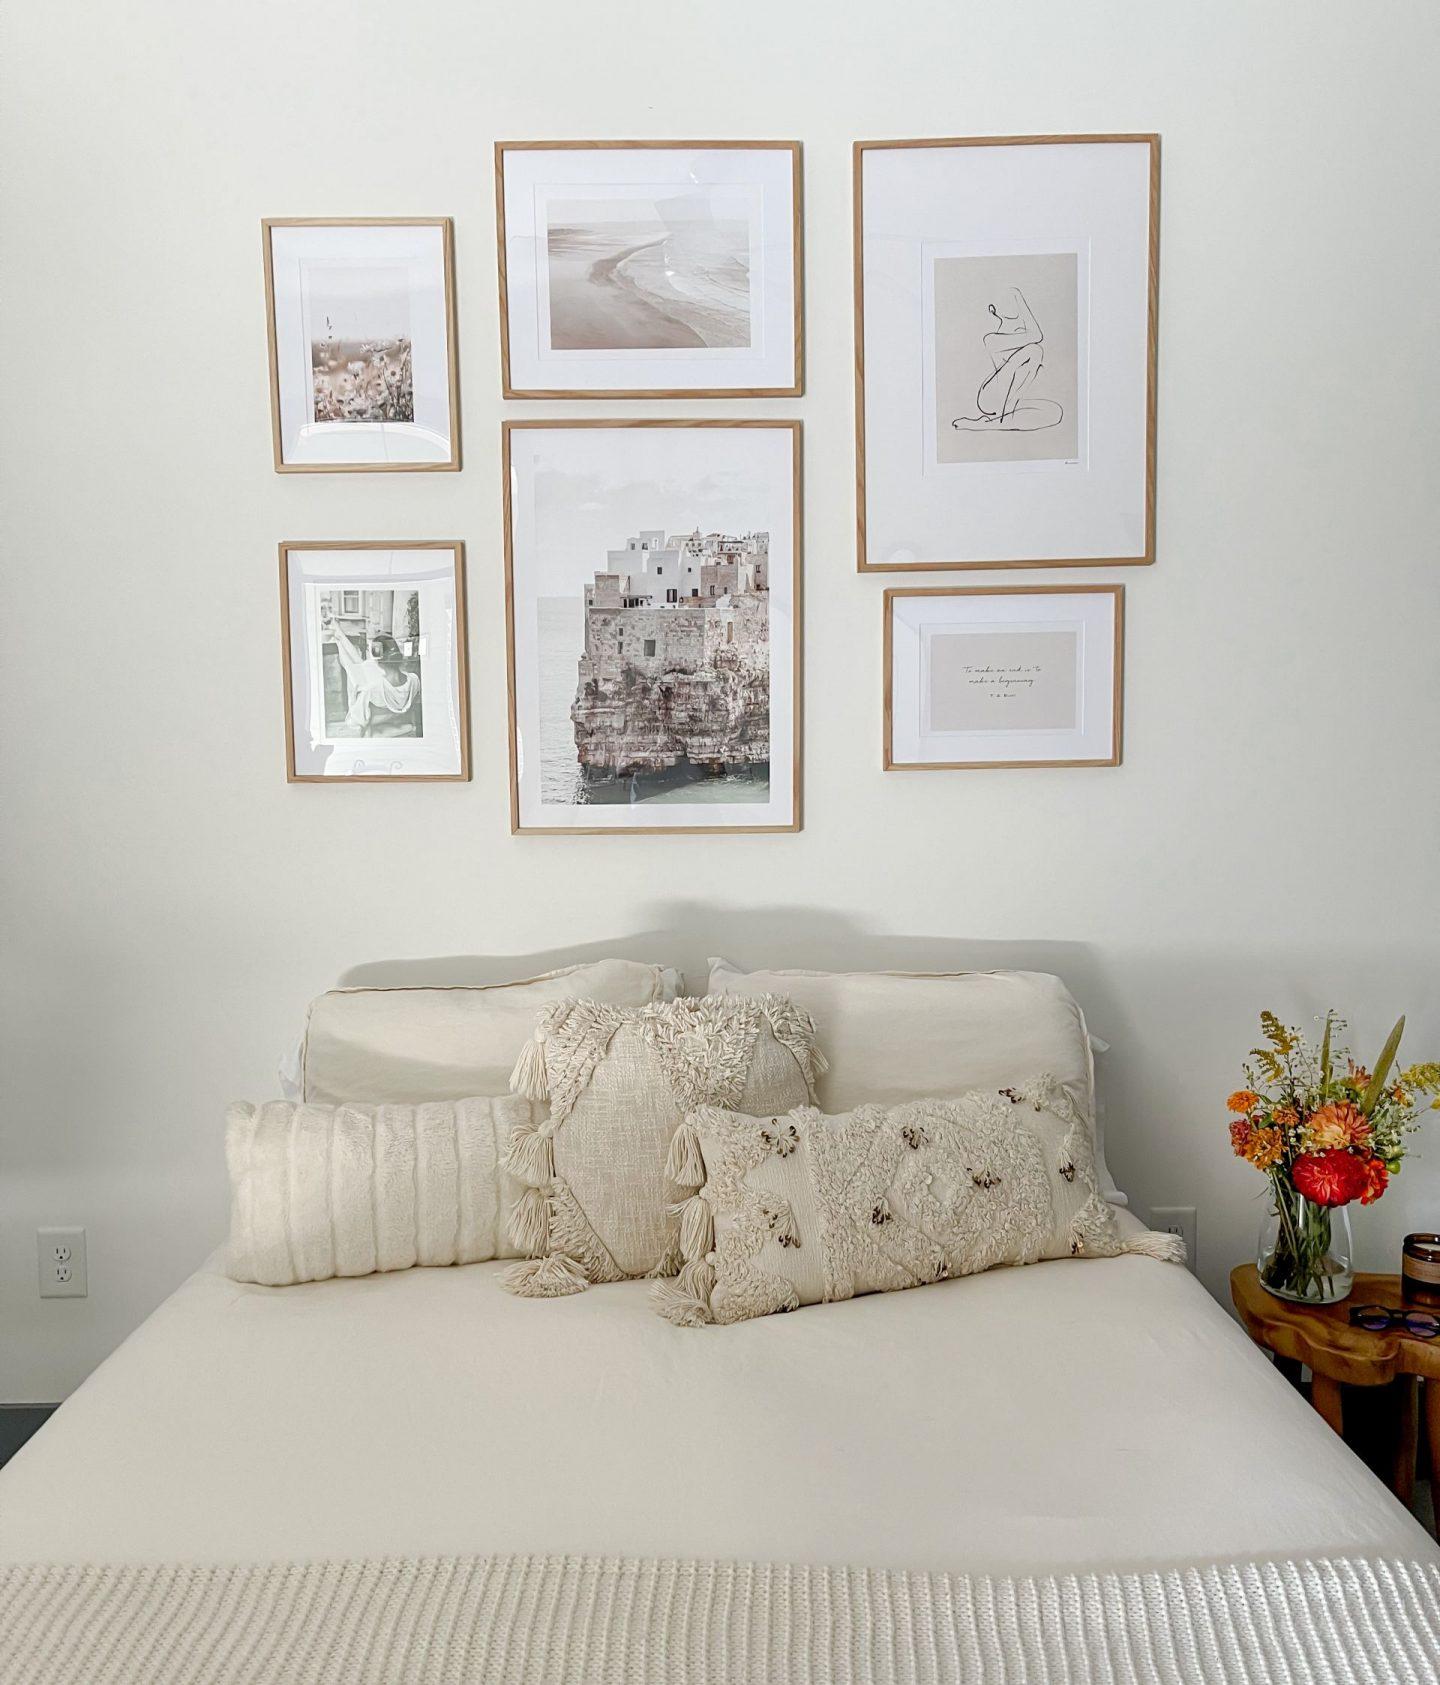 bedroom gallery wall - poster store - Lauren Schwaiger lifestyle blog